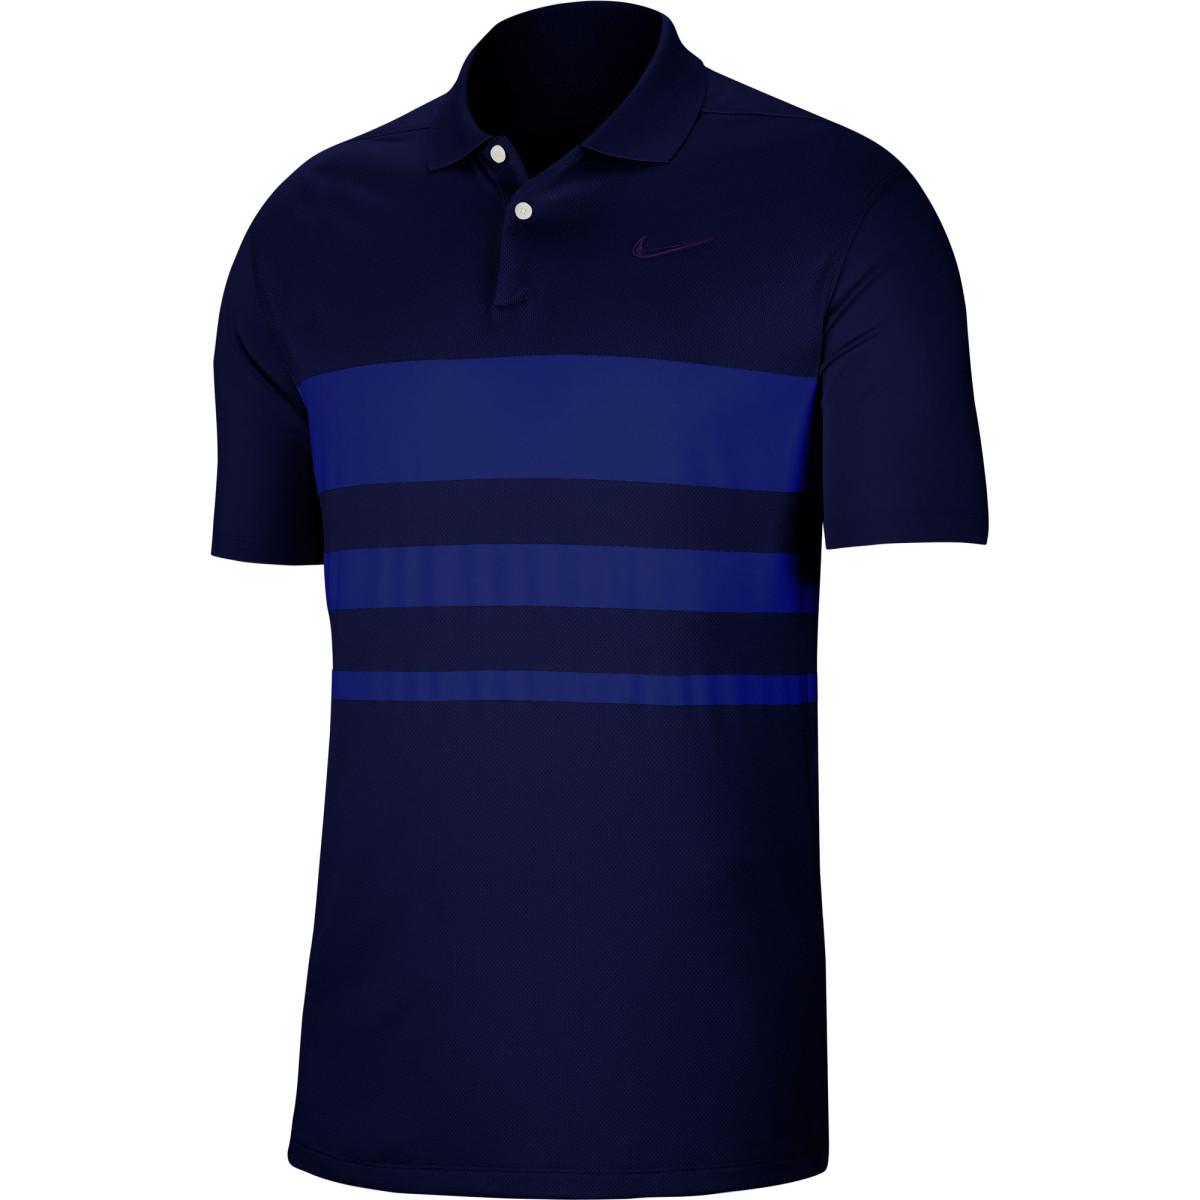 Nike Dry Vapour Stripe Polo